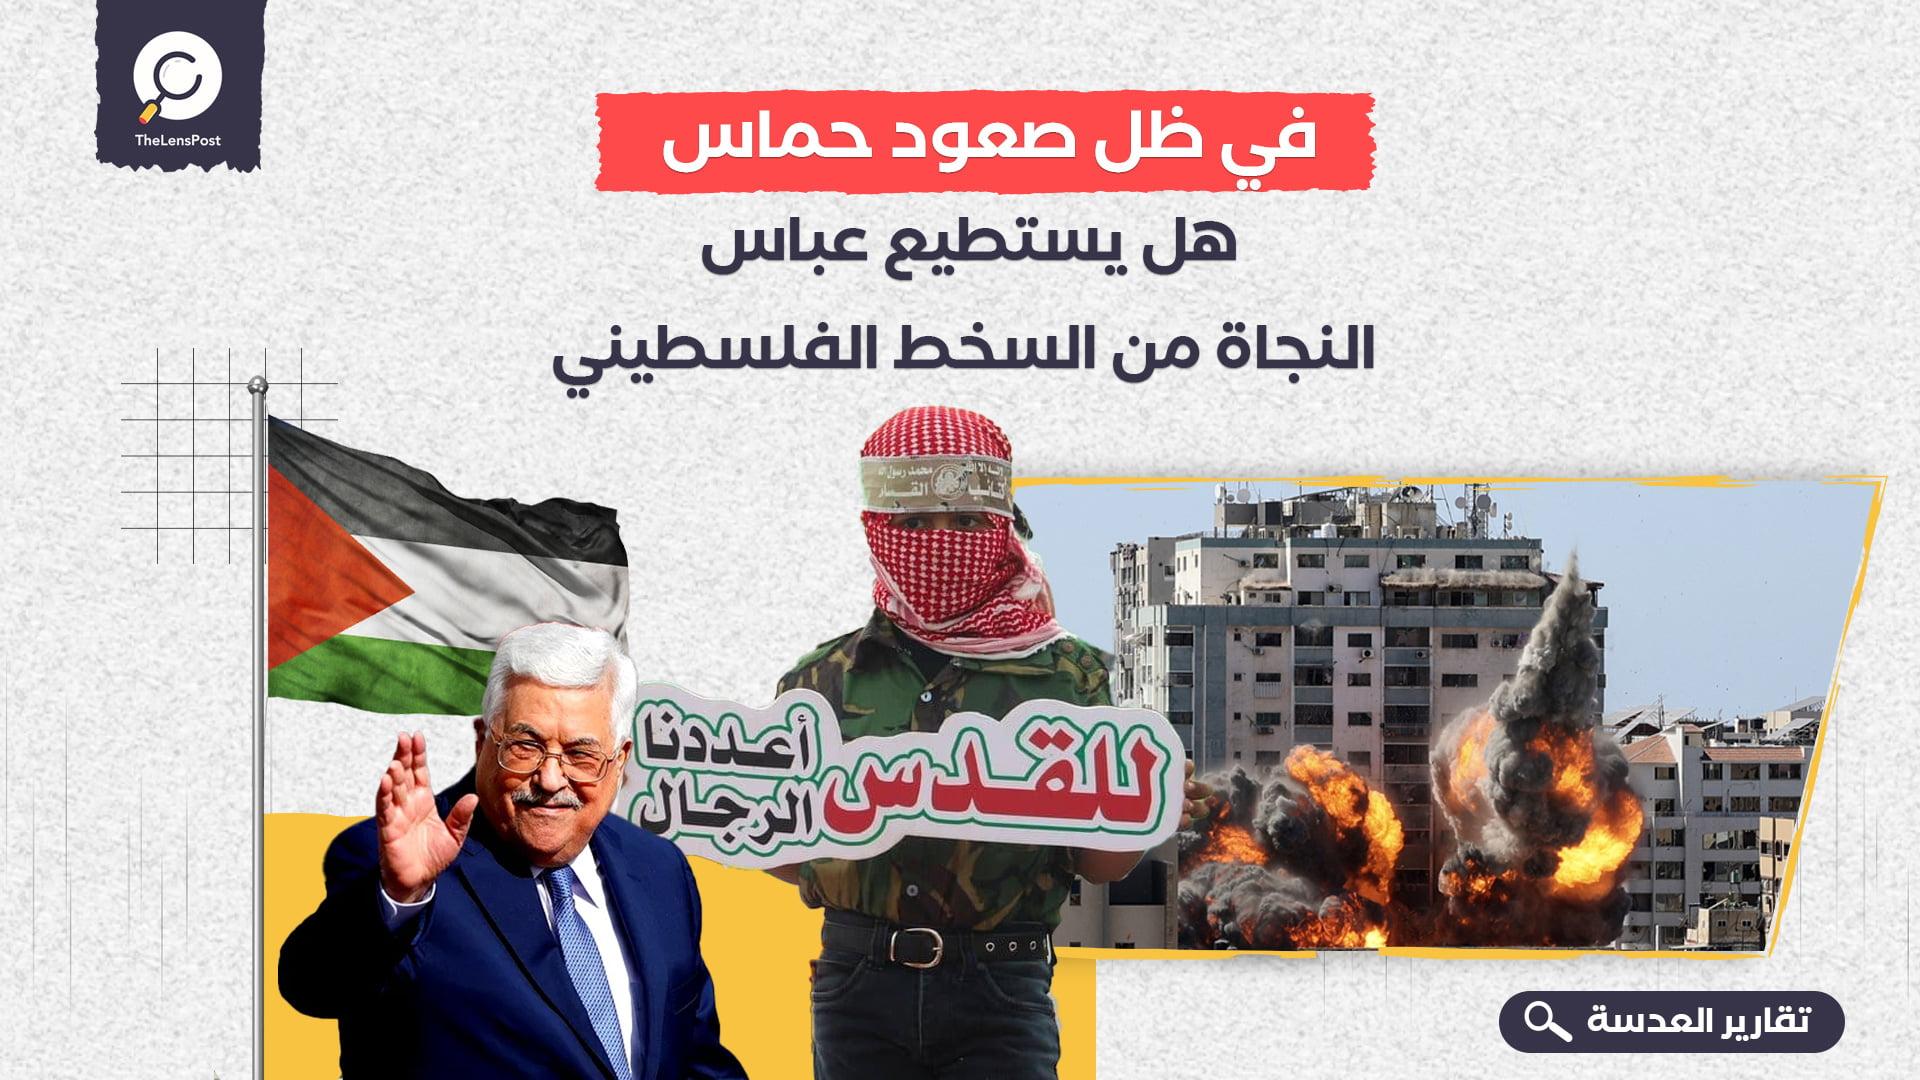 في ظل صعود حماس.. هل يستطيع عباس النجاة من السخط الفلسطيني؟